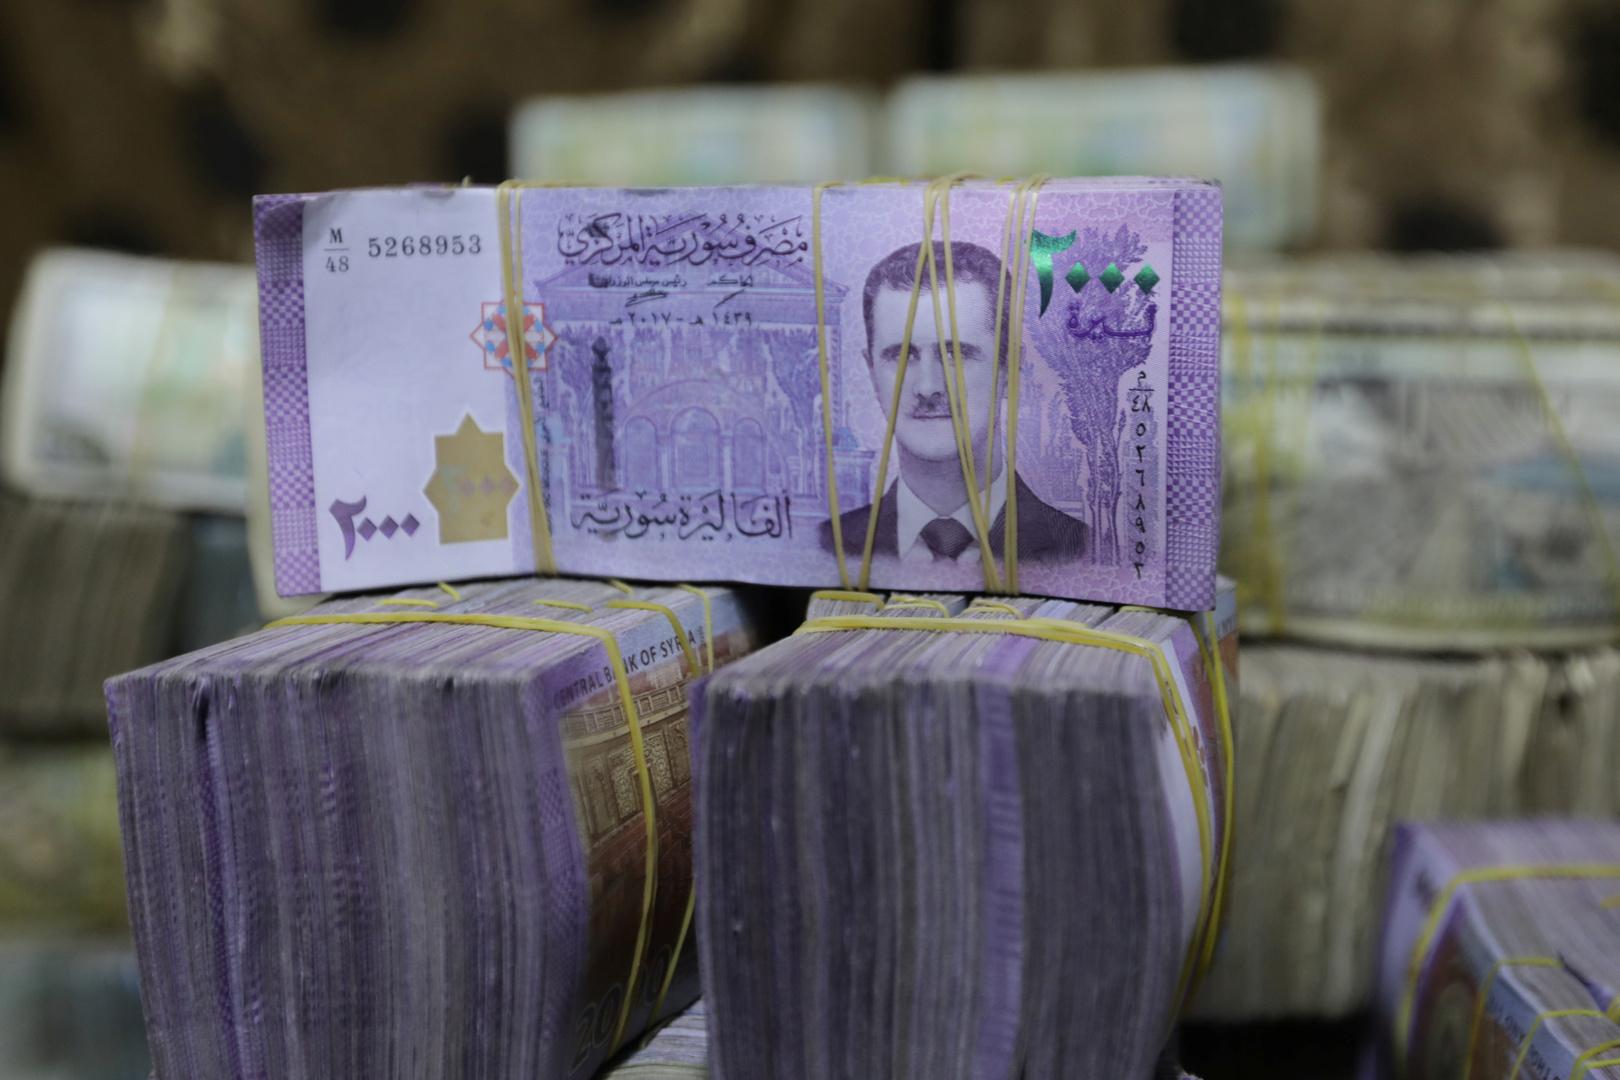 خبير: أمام الحكومة السورية حلان لا ثالث لهما لتحسين الوضع المعيشي